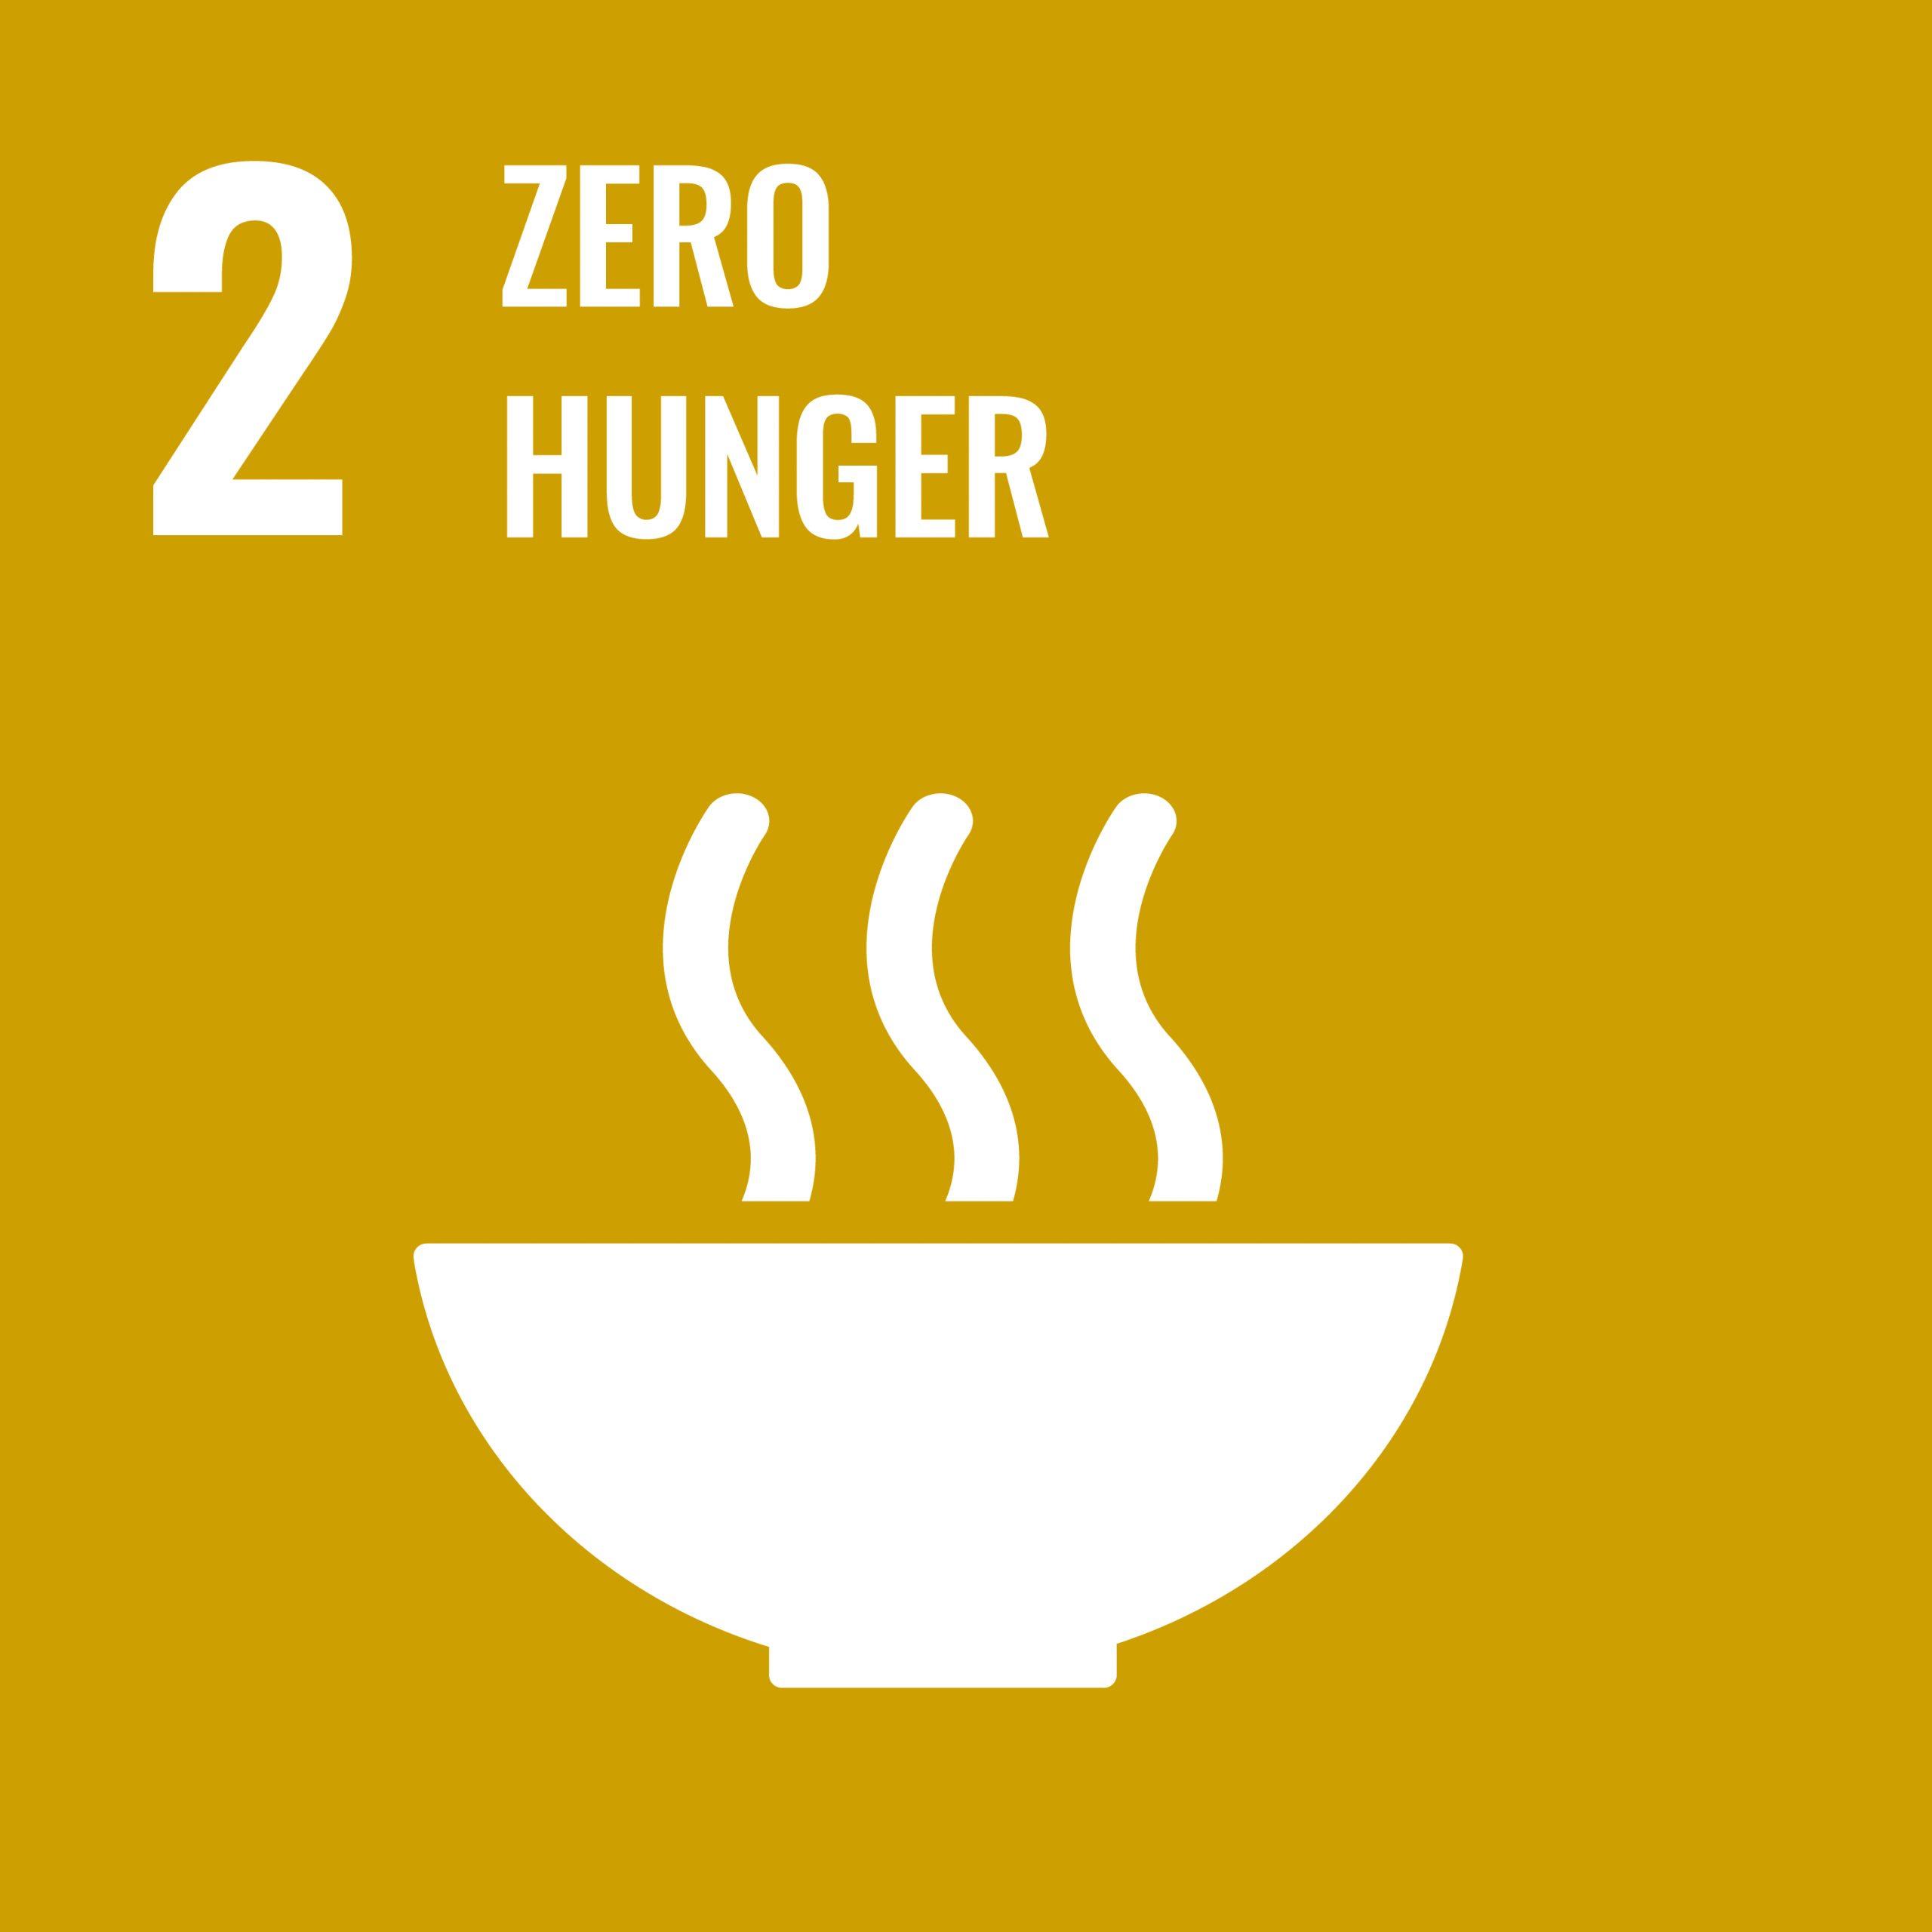 Zero Hunger - SDG 2